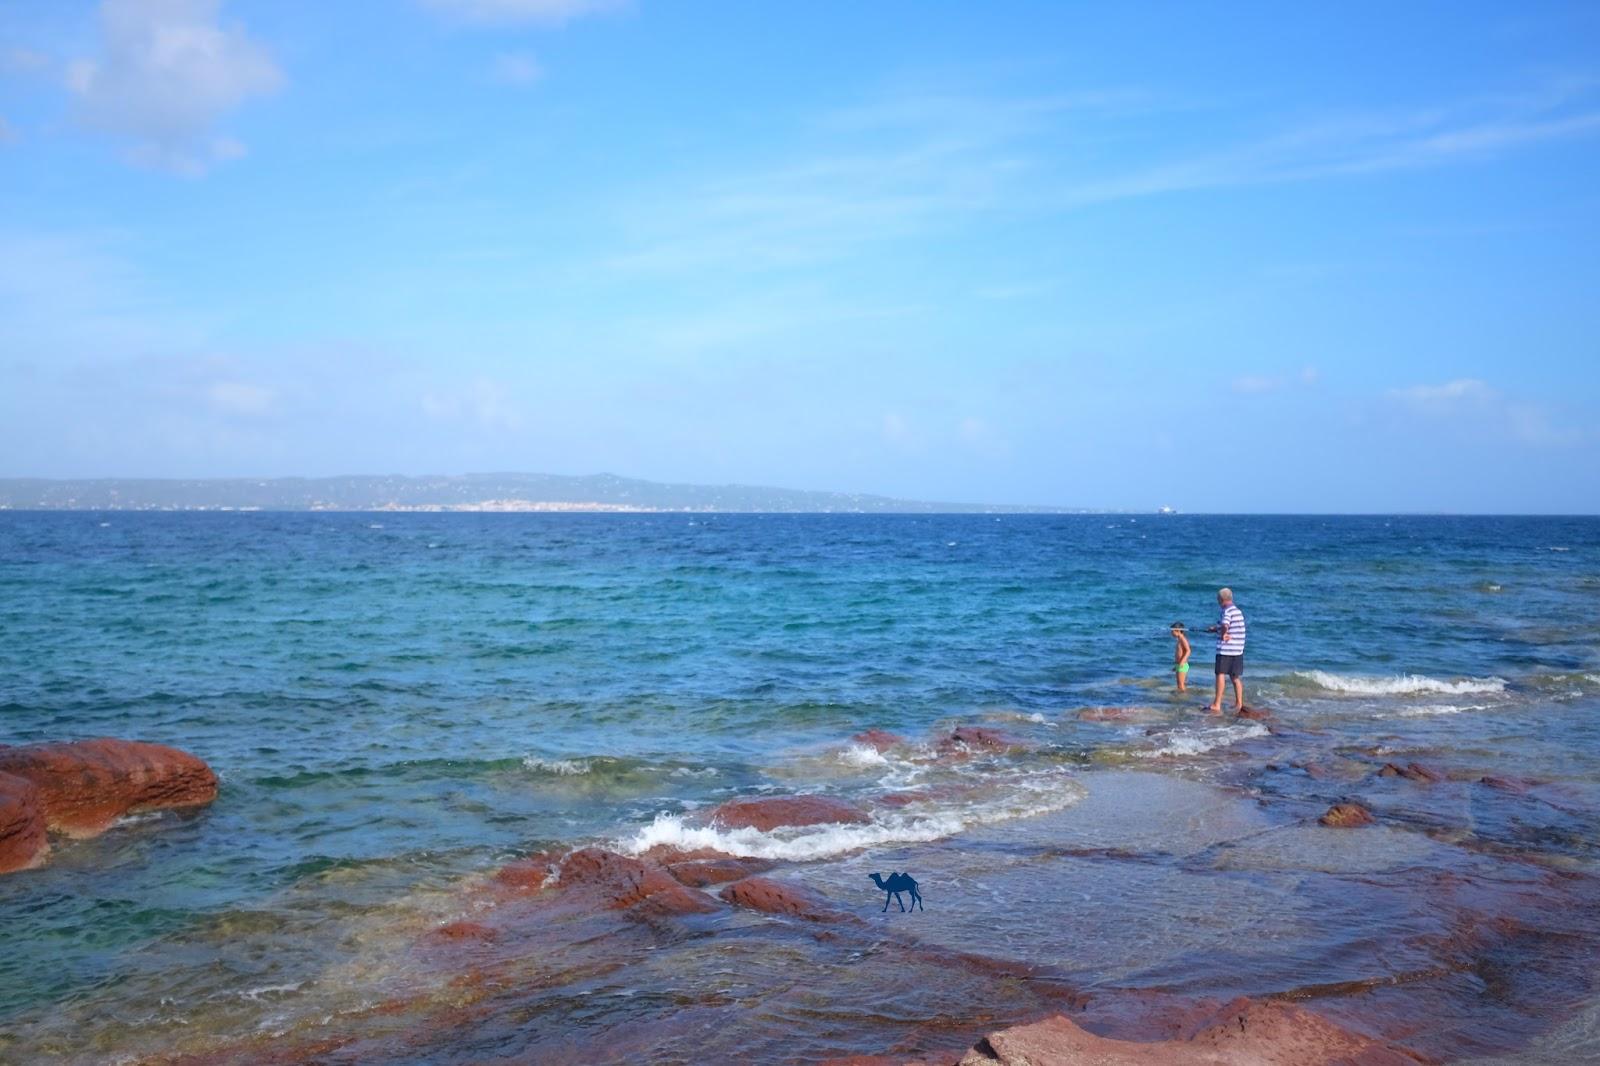 Le Chameau Bleu - Peche sur la plage  de Casaletta